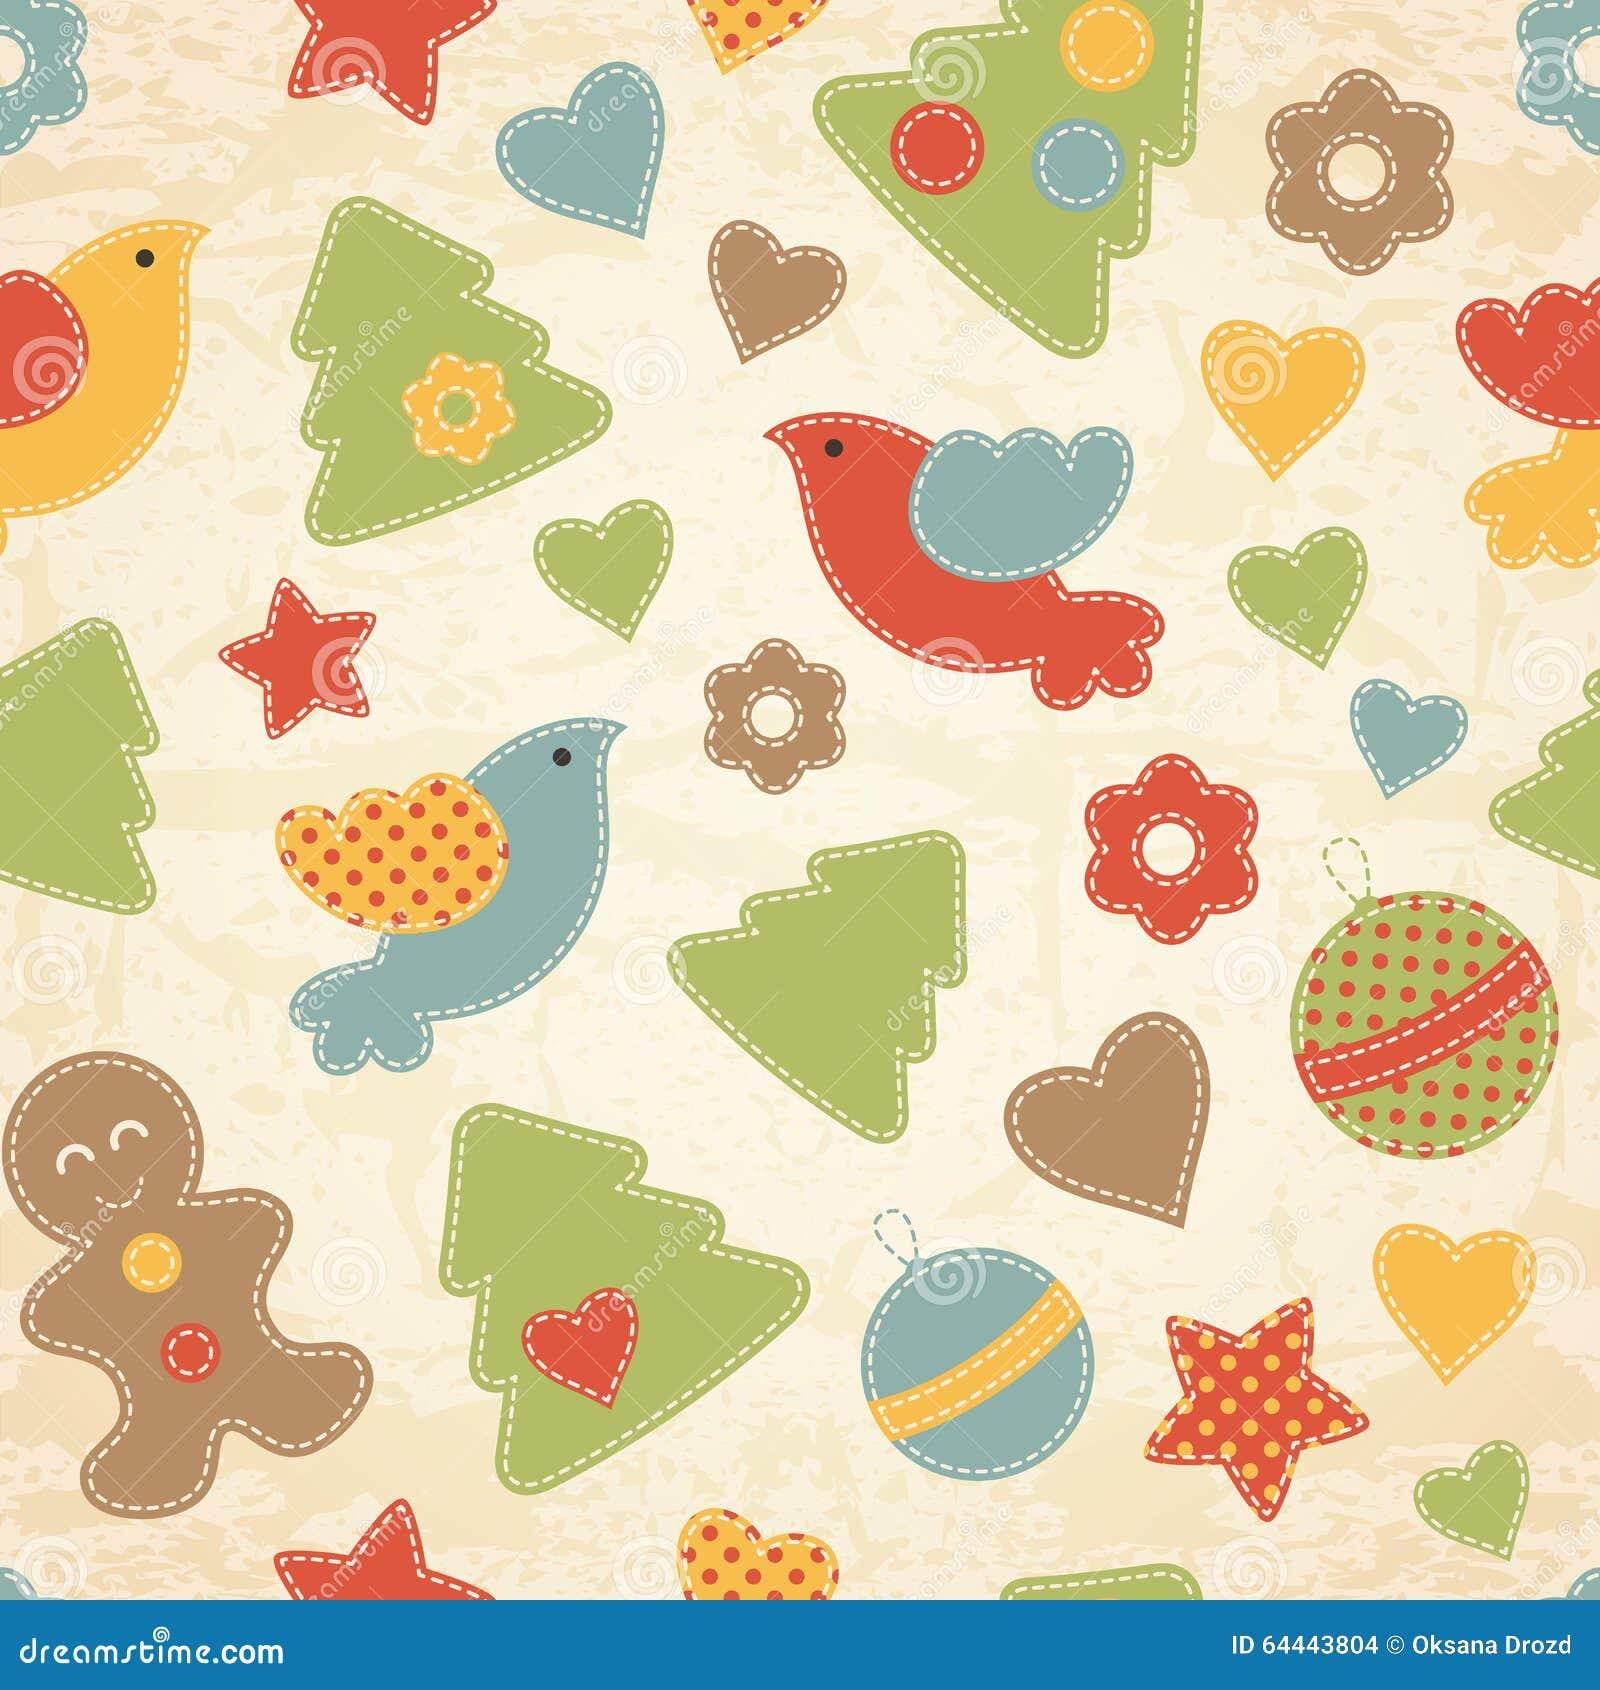 Kindisches Weihnachtsnahtloses Muster mit Weihnachtsbäumen, Vögel, Lebkuchenmänner